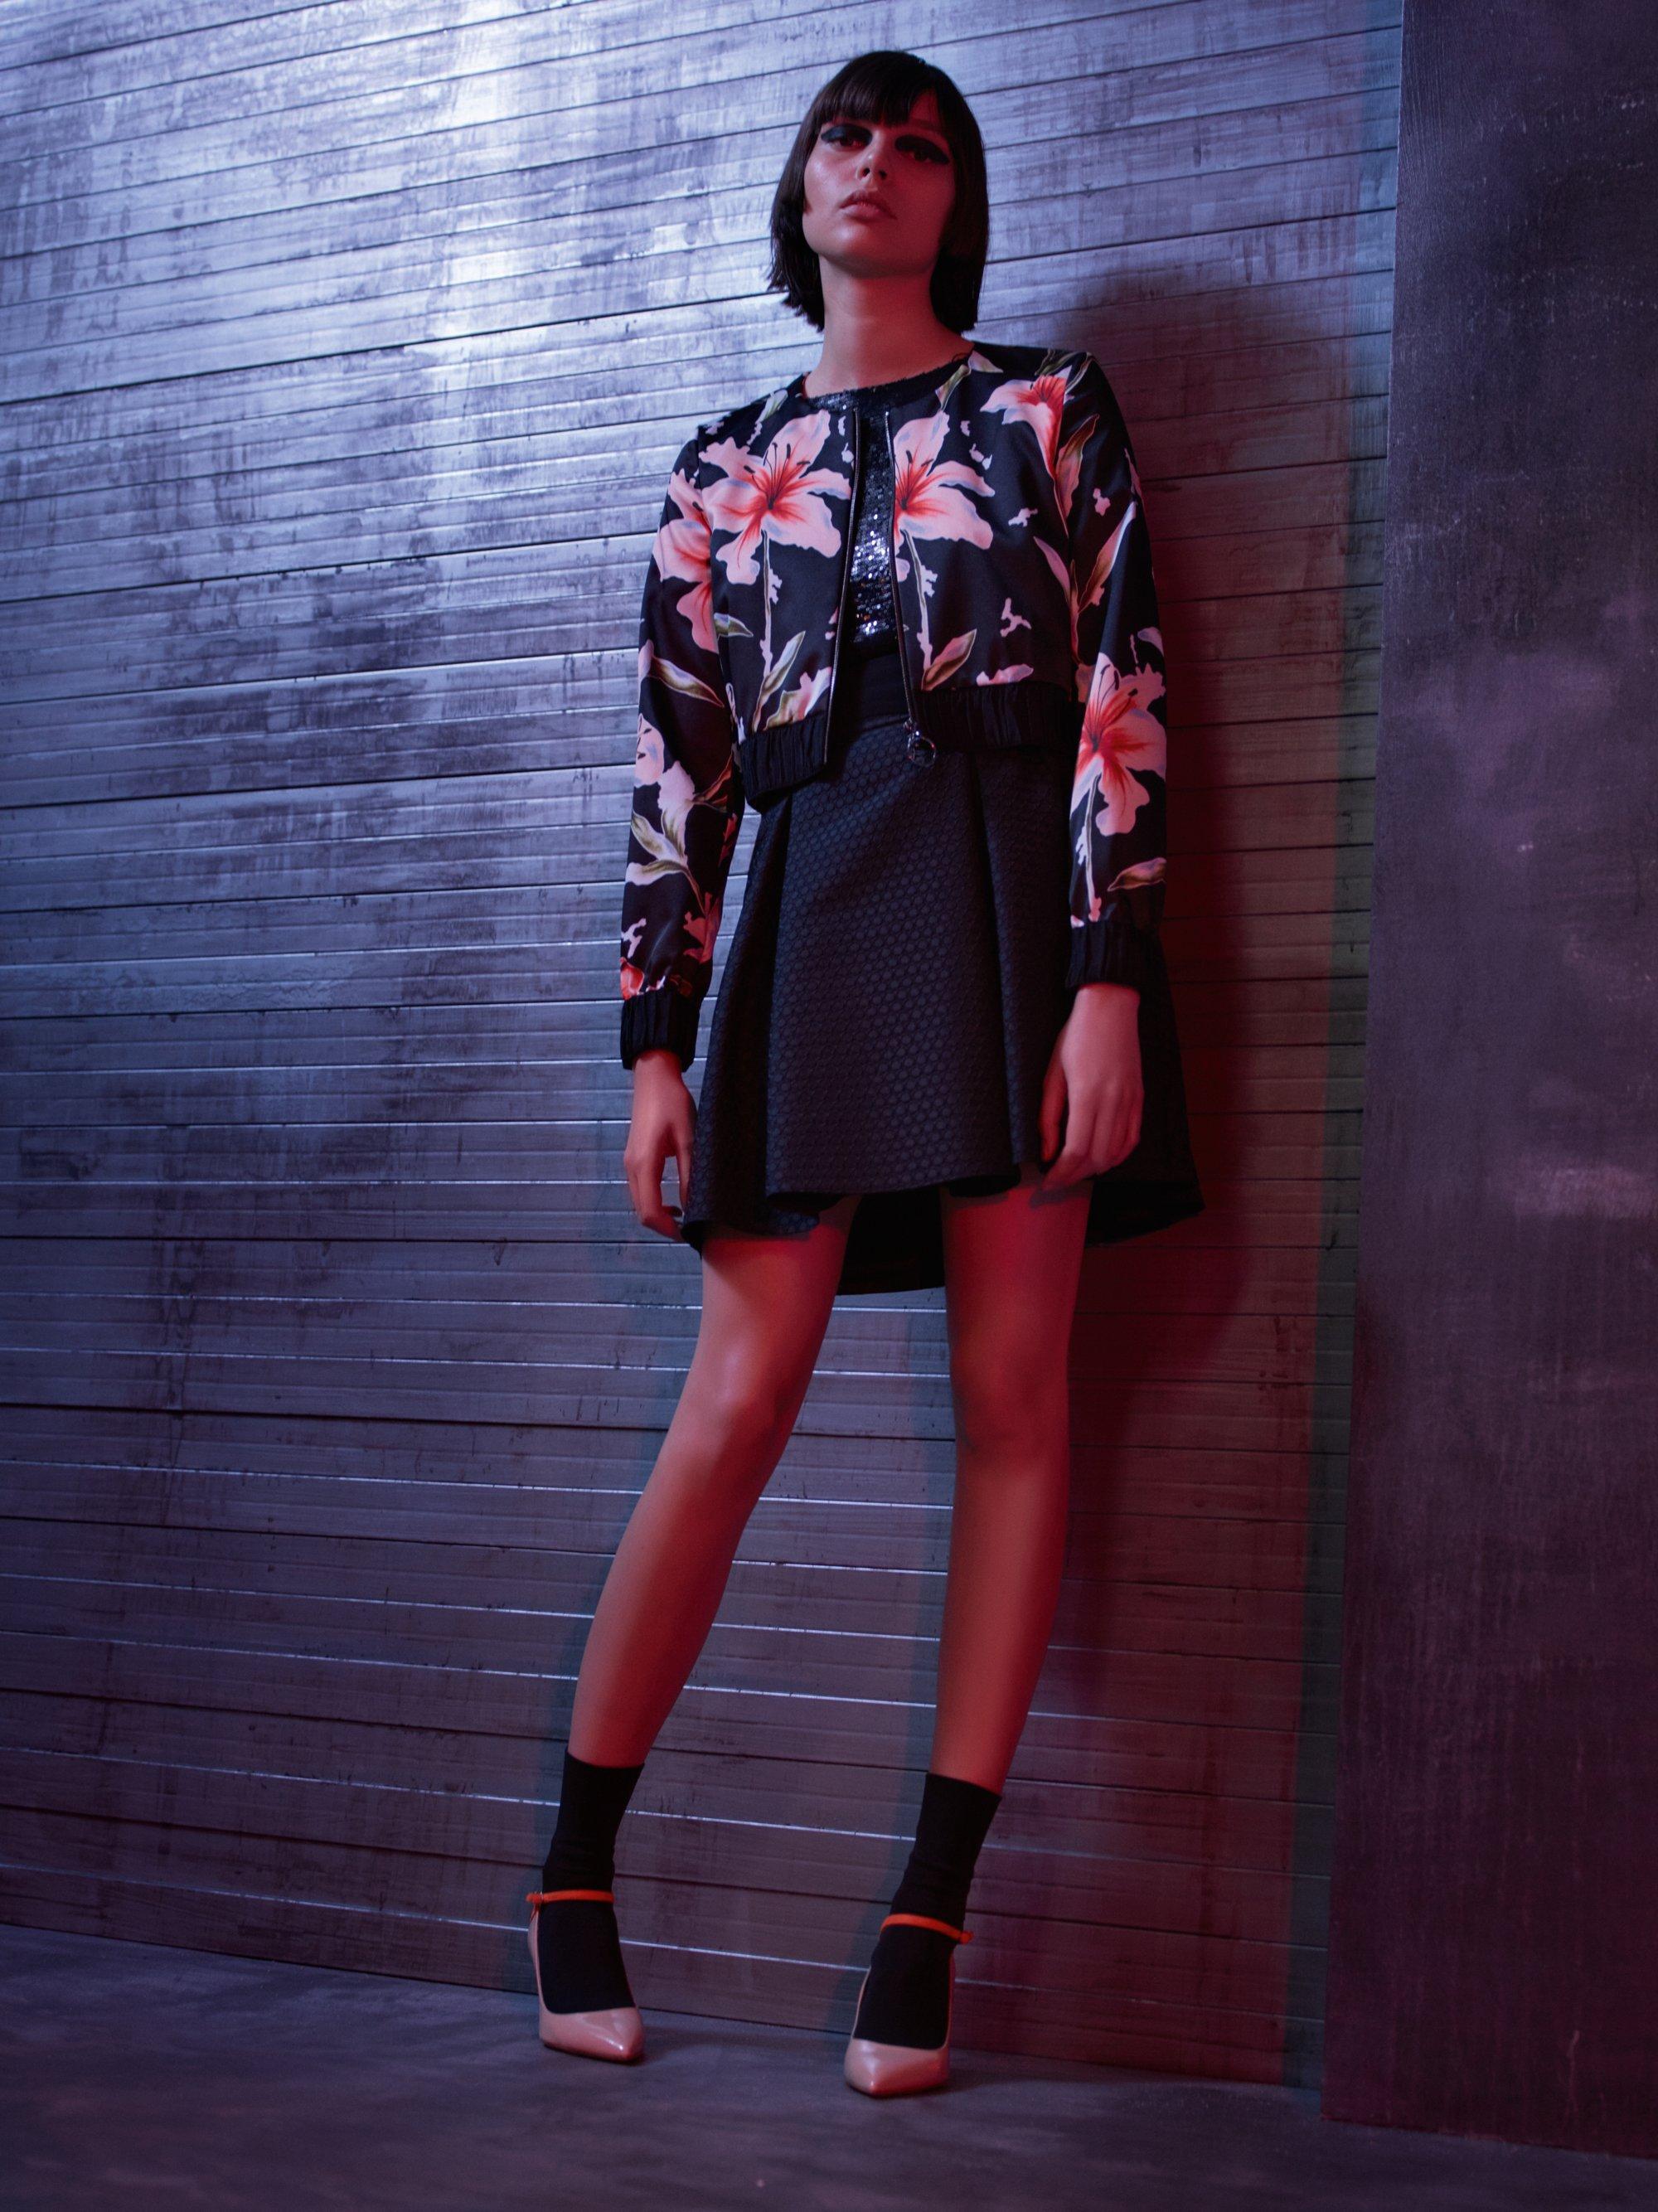 Jacke von HUGO Womenswear